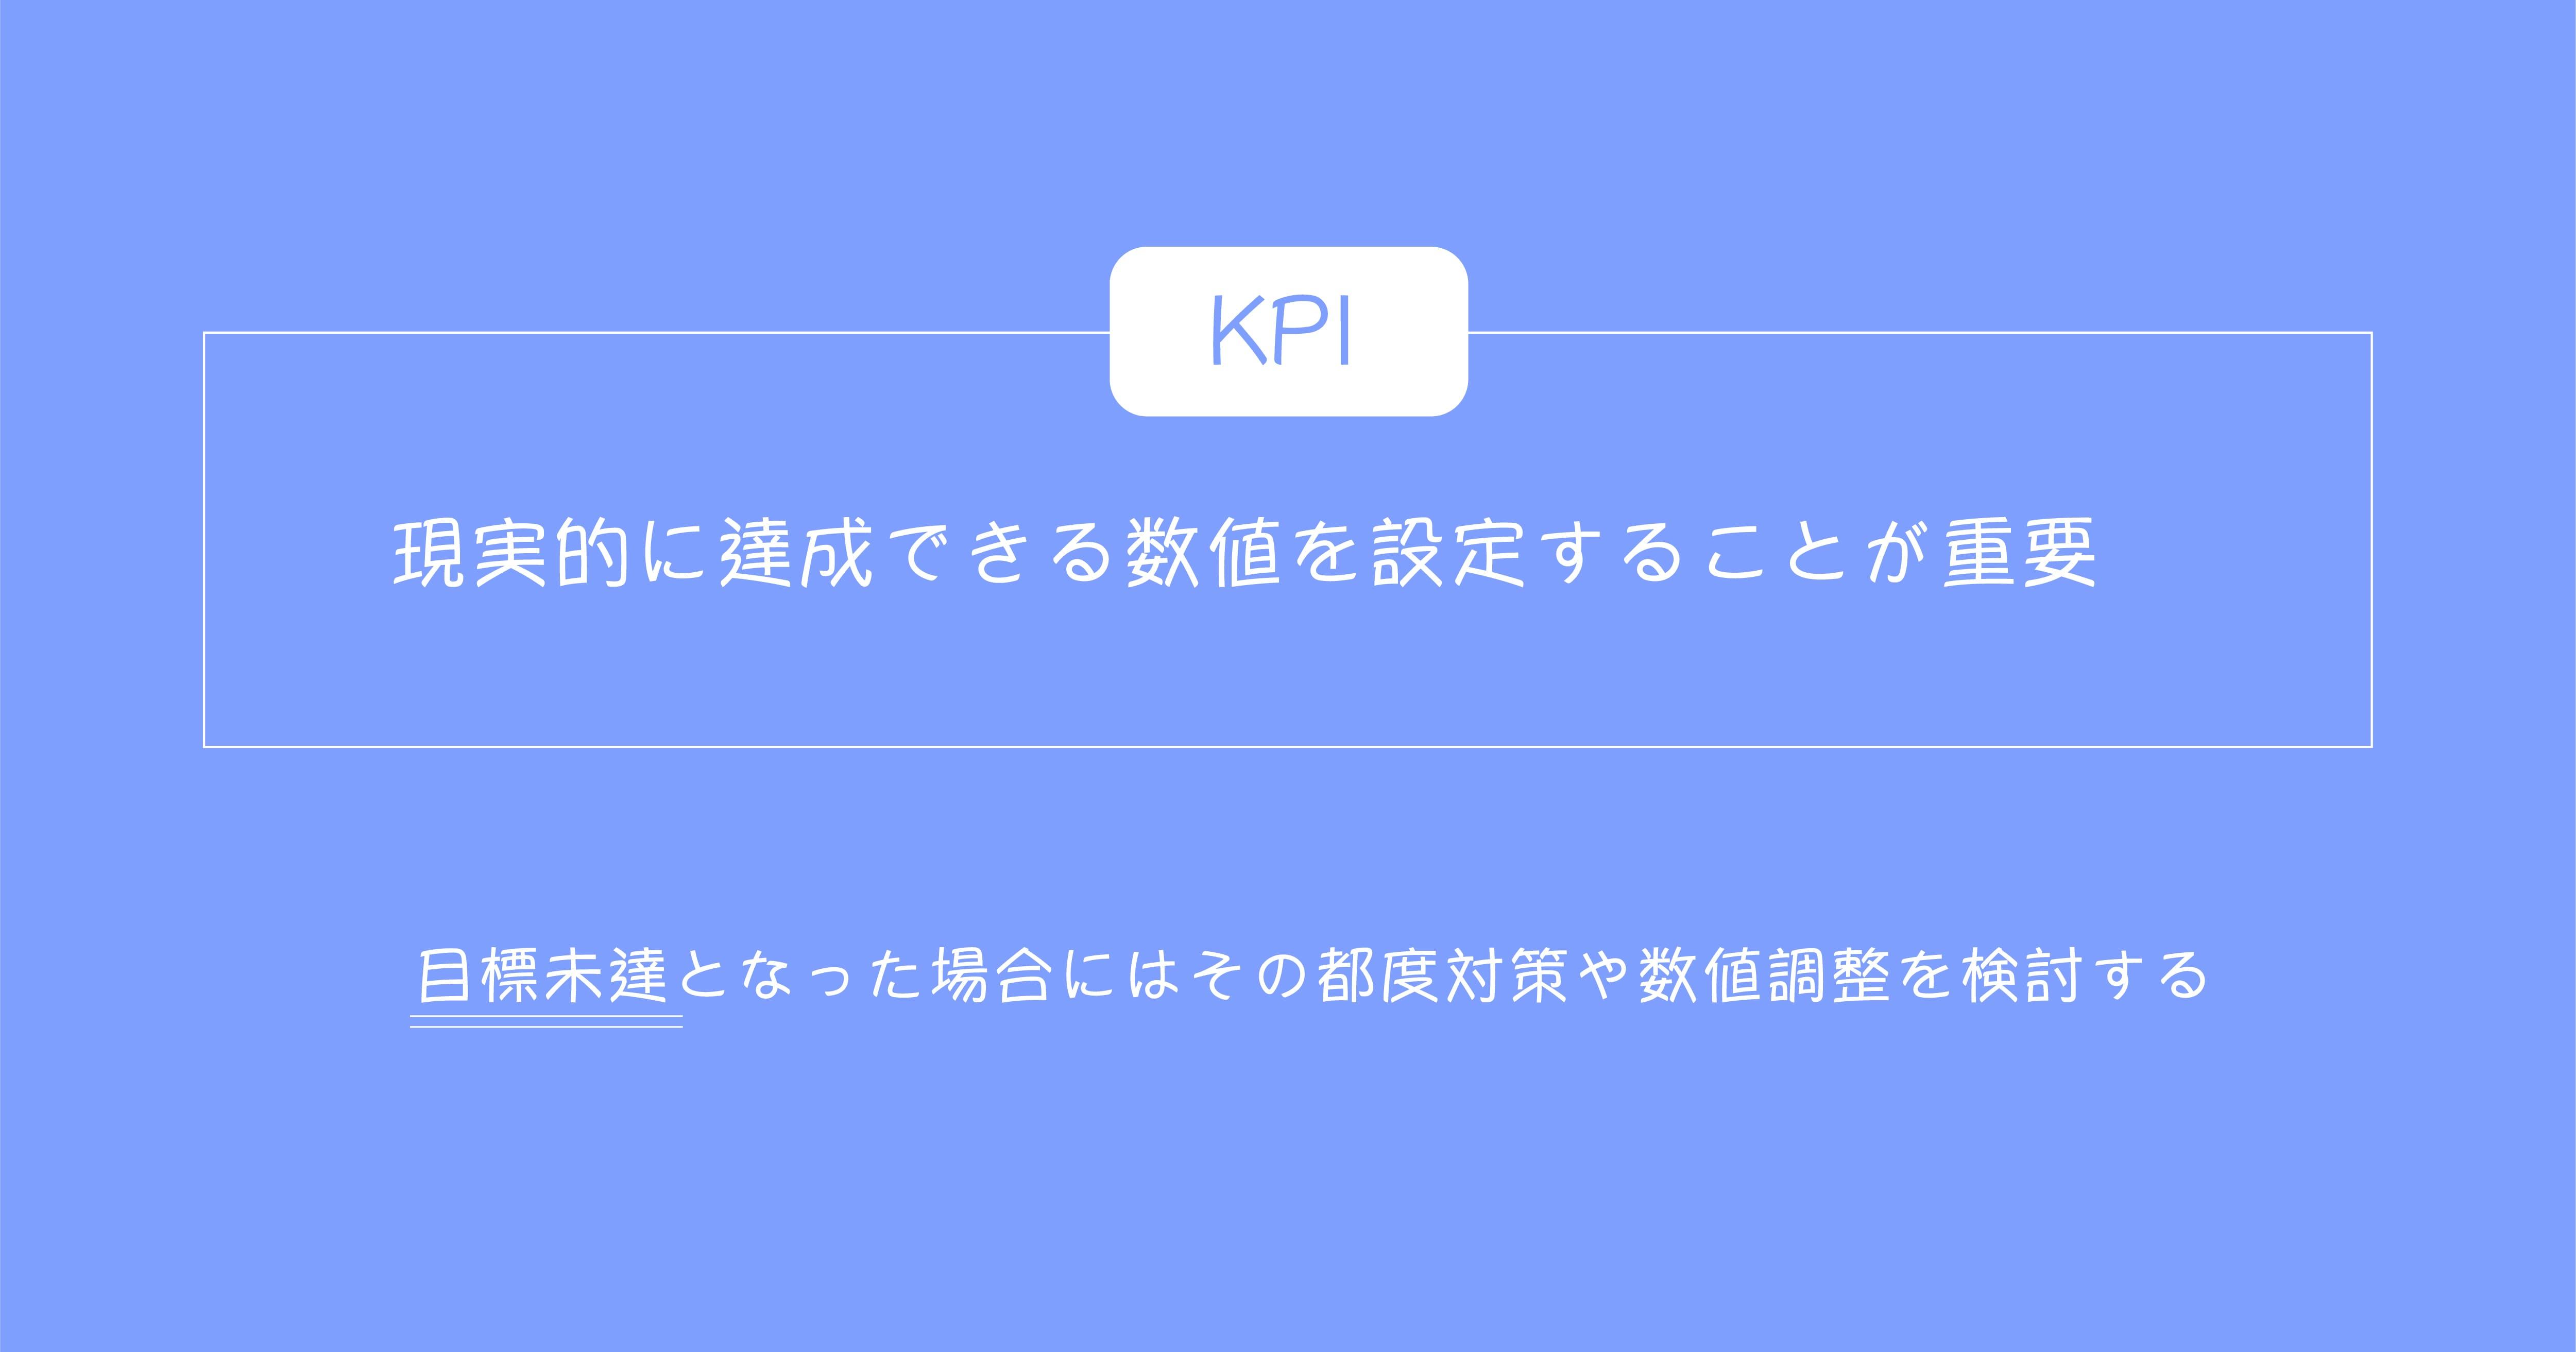 KPIは中間目標